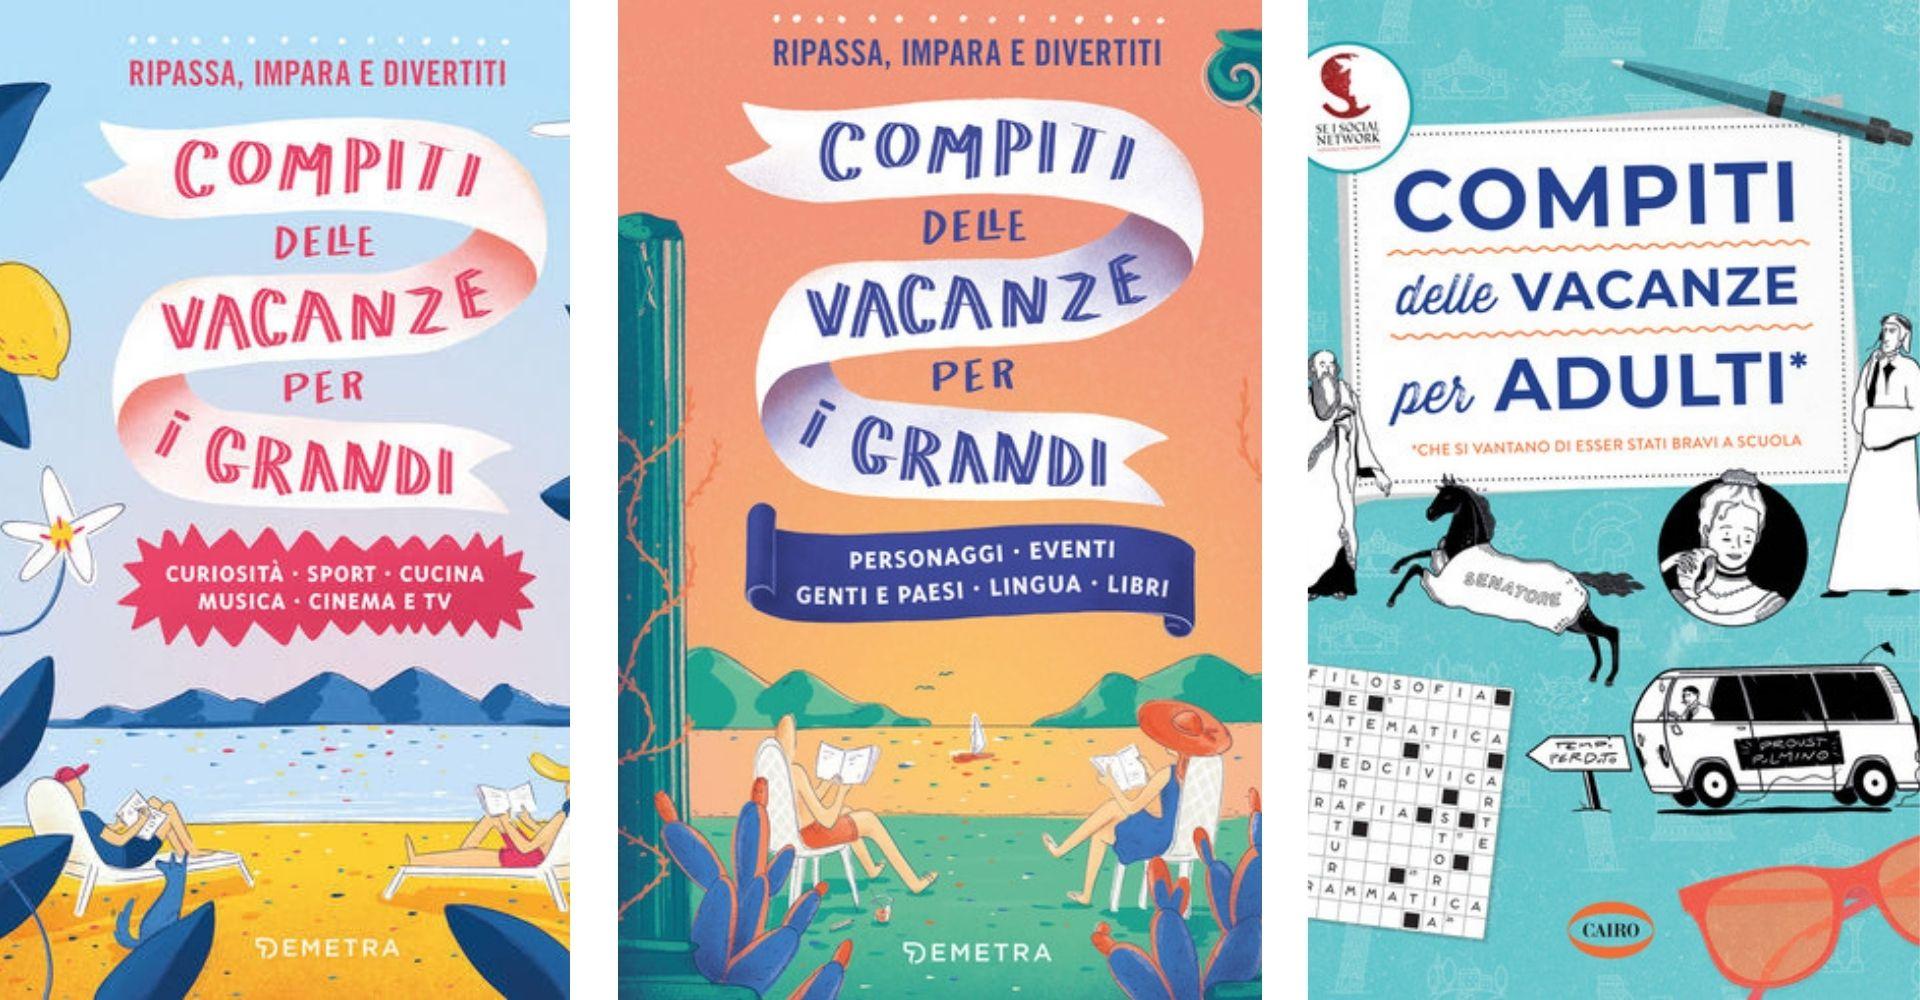 Copertine dei libri Compiti delle vacanze per i grandi e Compiti per le vacanze per adulti